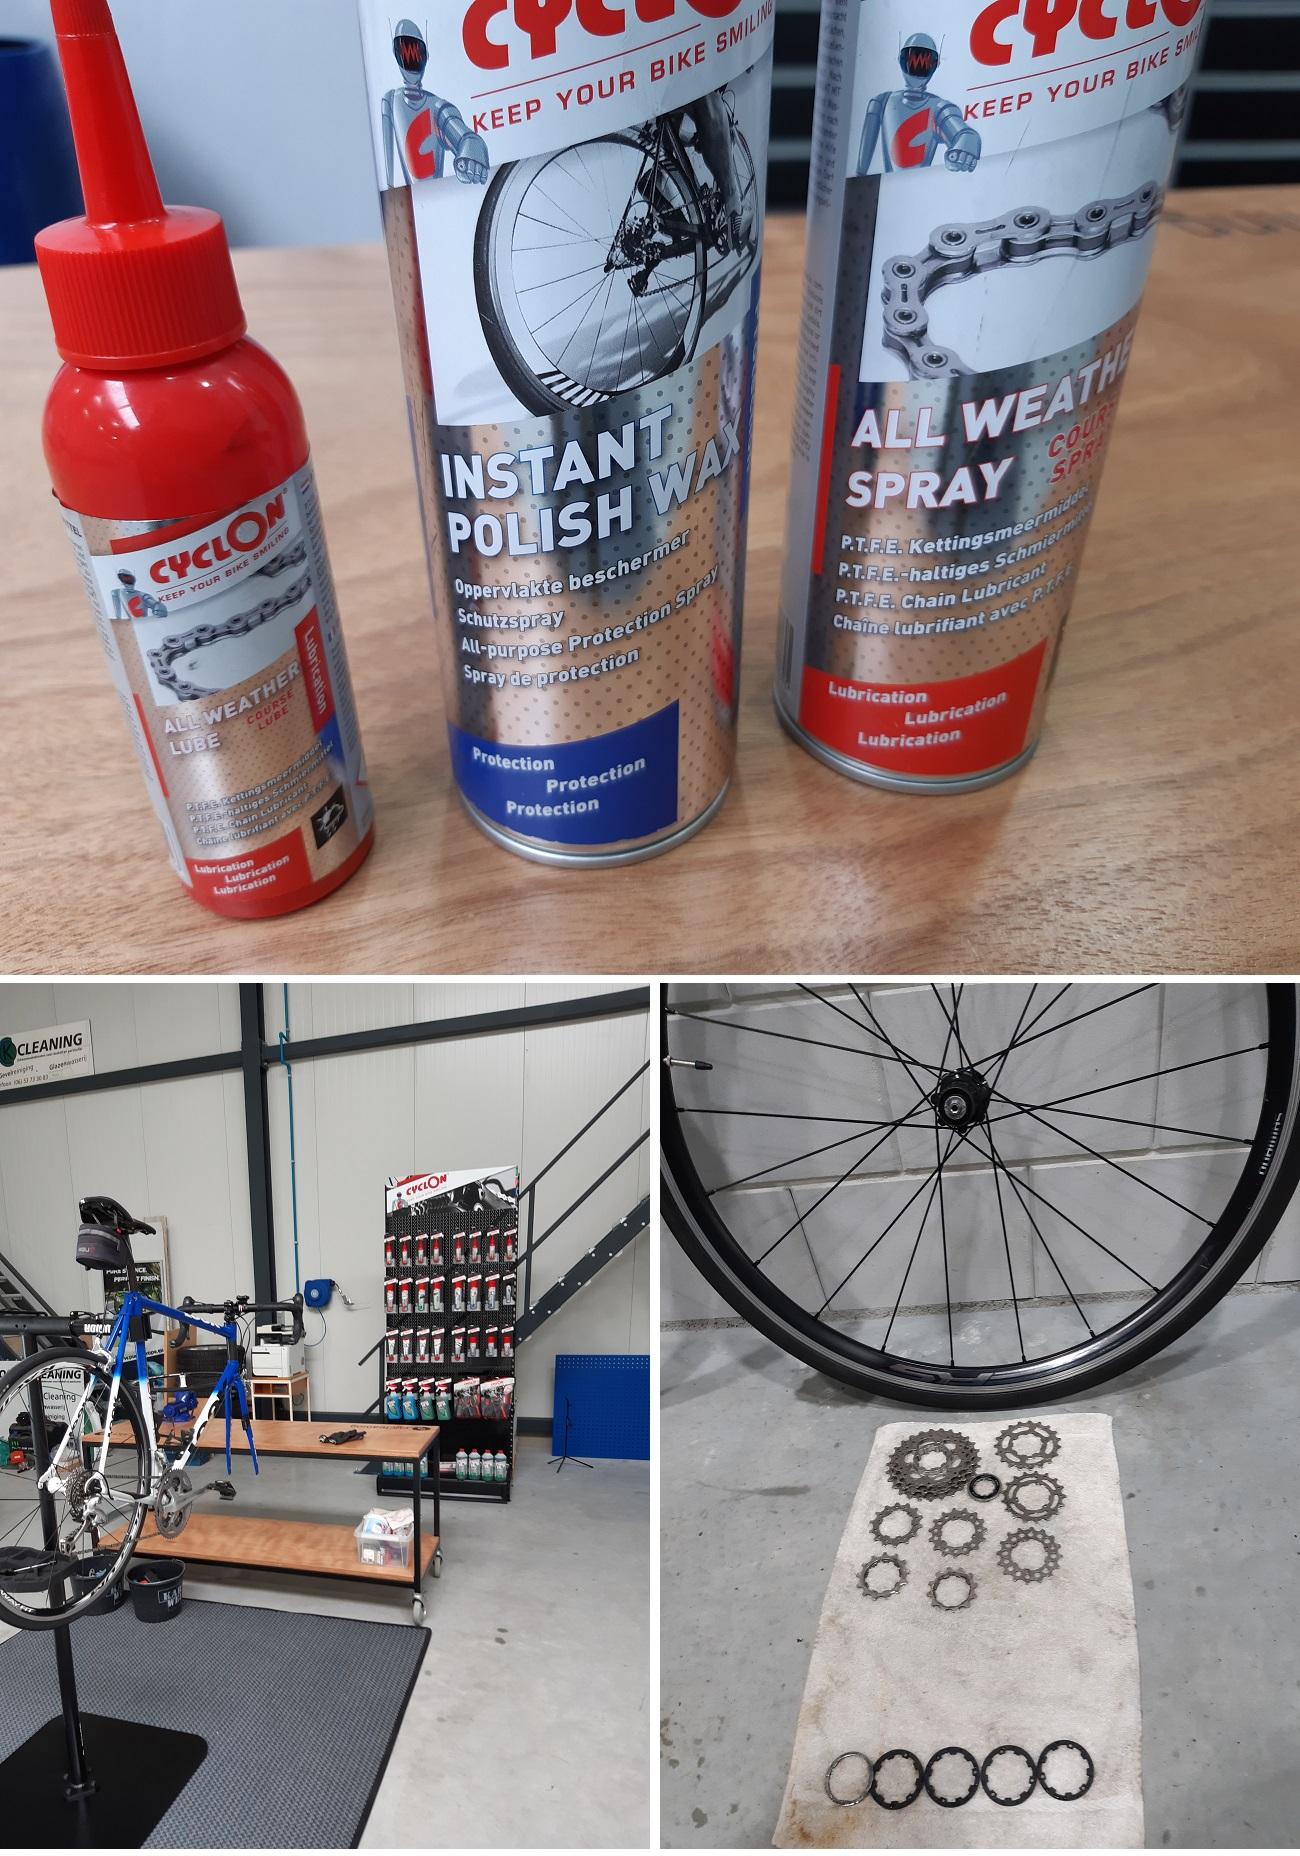 cyclon schoonmaakproducten